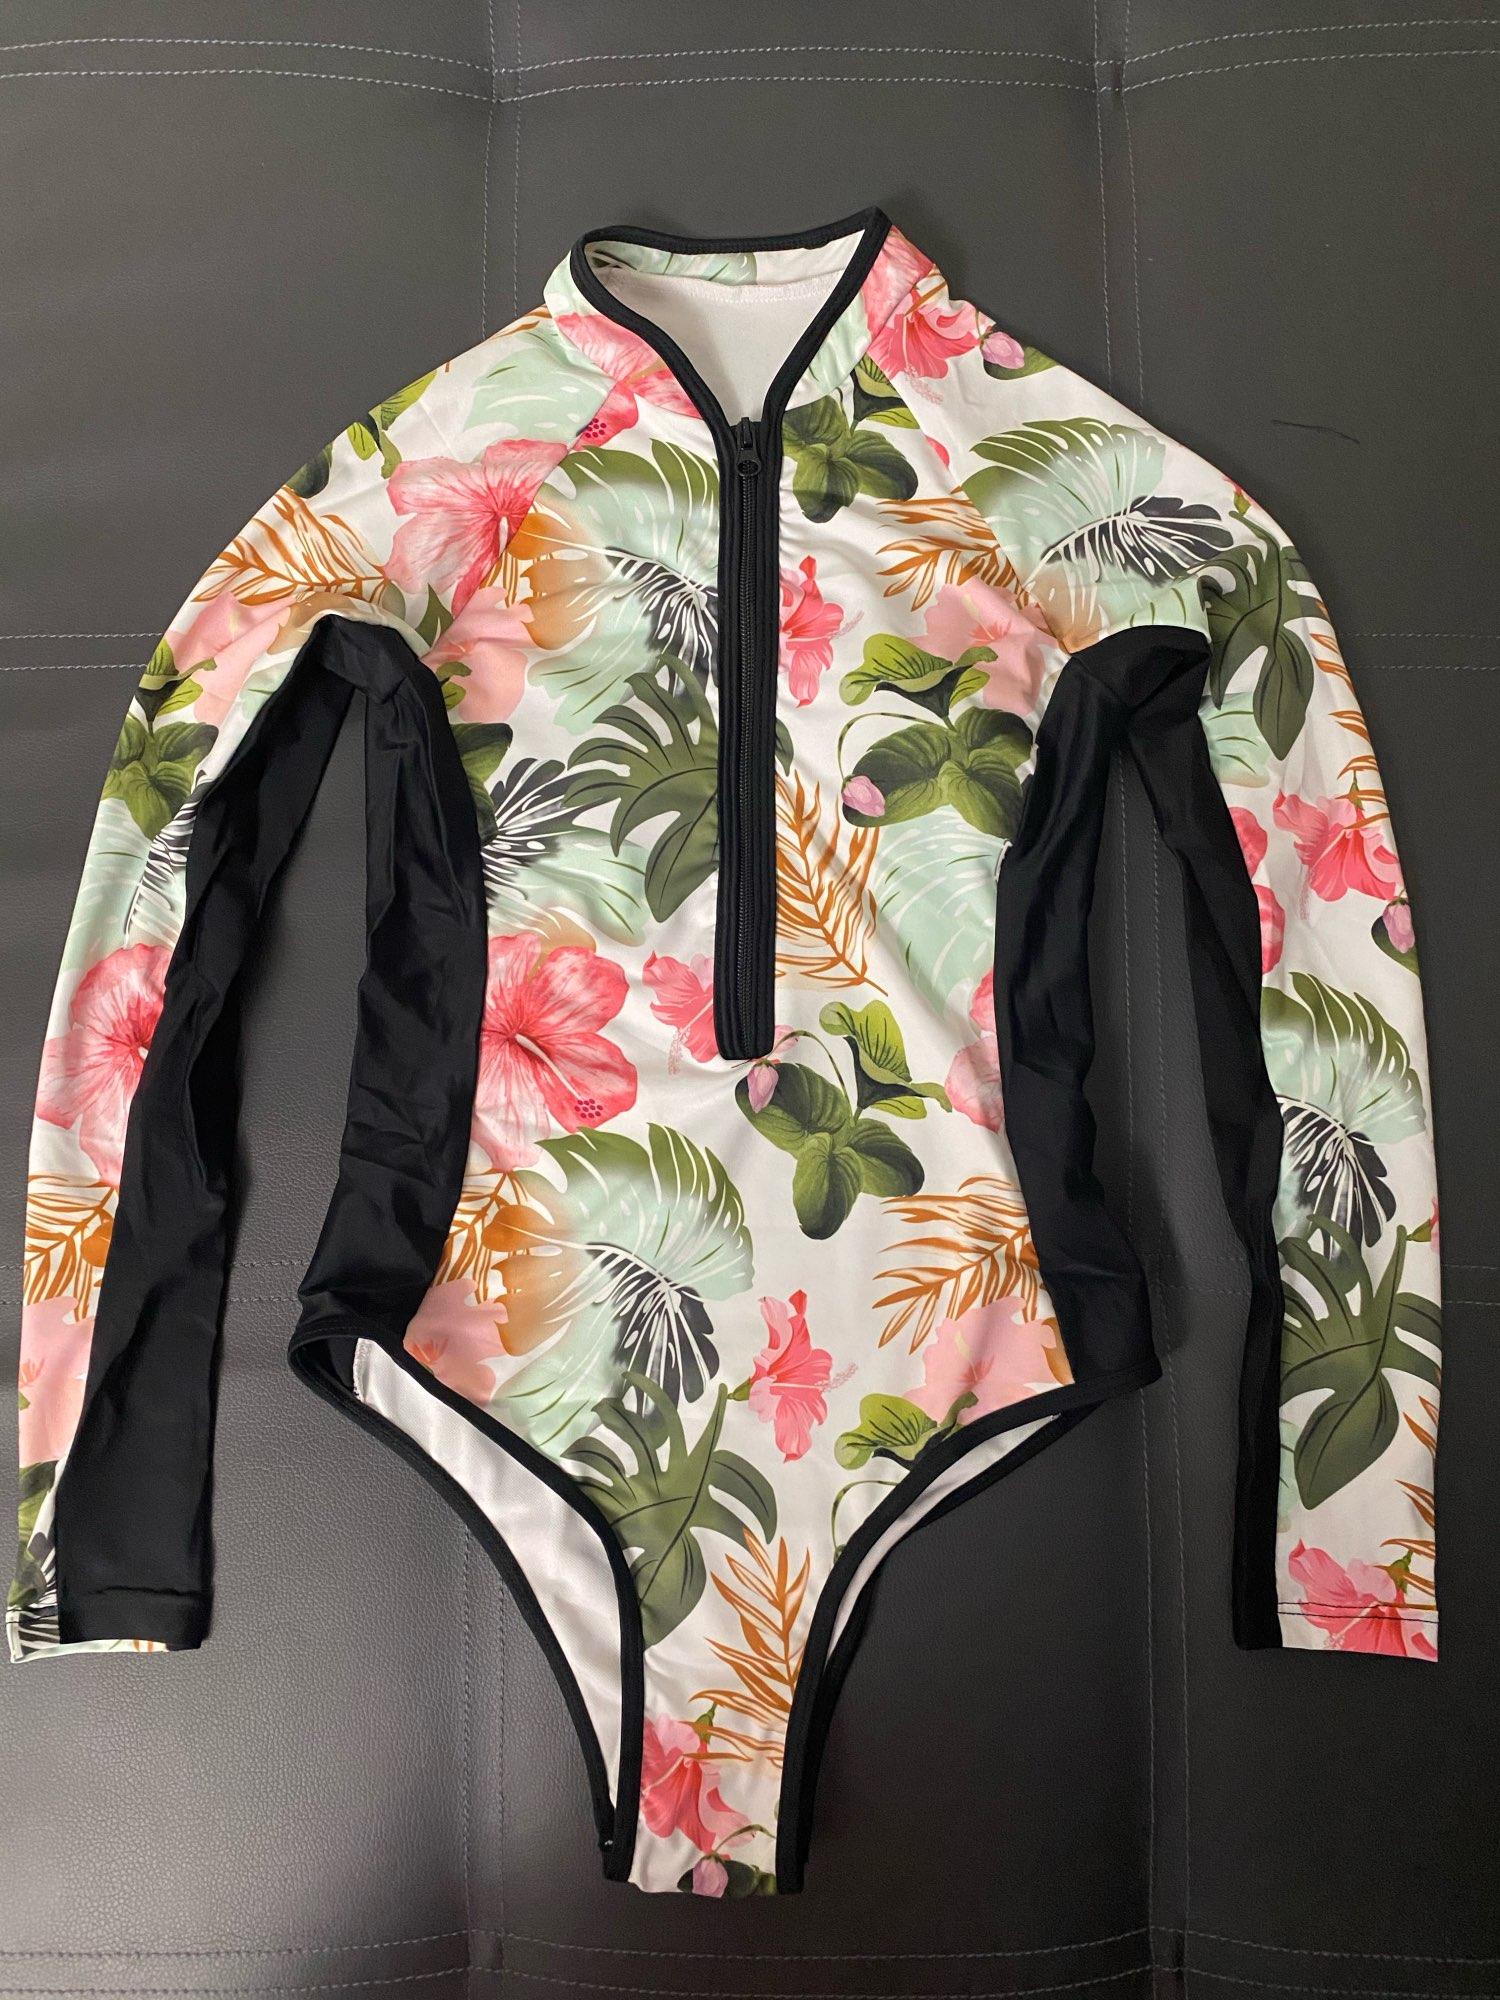 Print Floral One Piece Swimsuit Women Swimwear Monokini Long Sleeve Printed Female Bathing Suit Surfing Bodysuit Swim Wear Beach beach swimming swimwear swimmingbeach wear - AliExpress